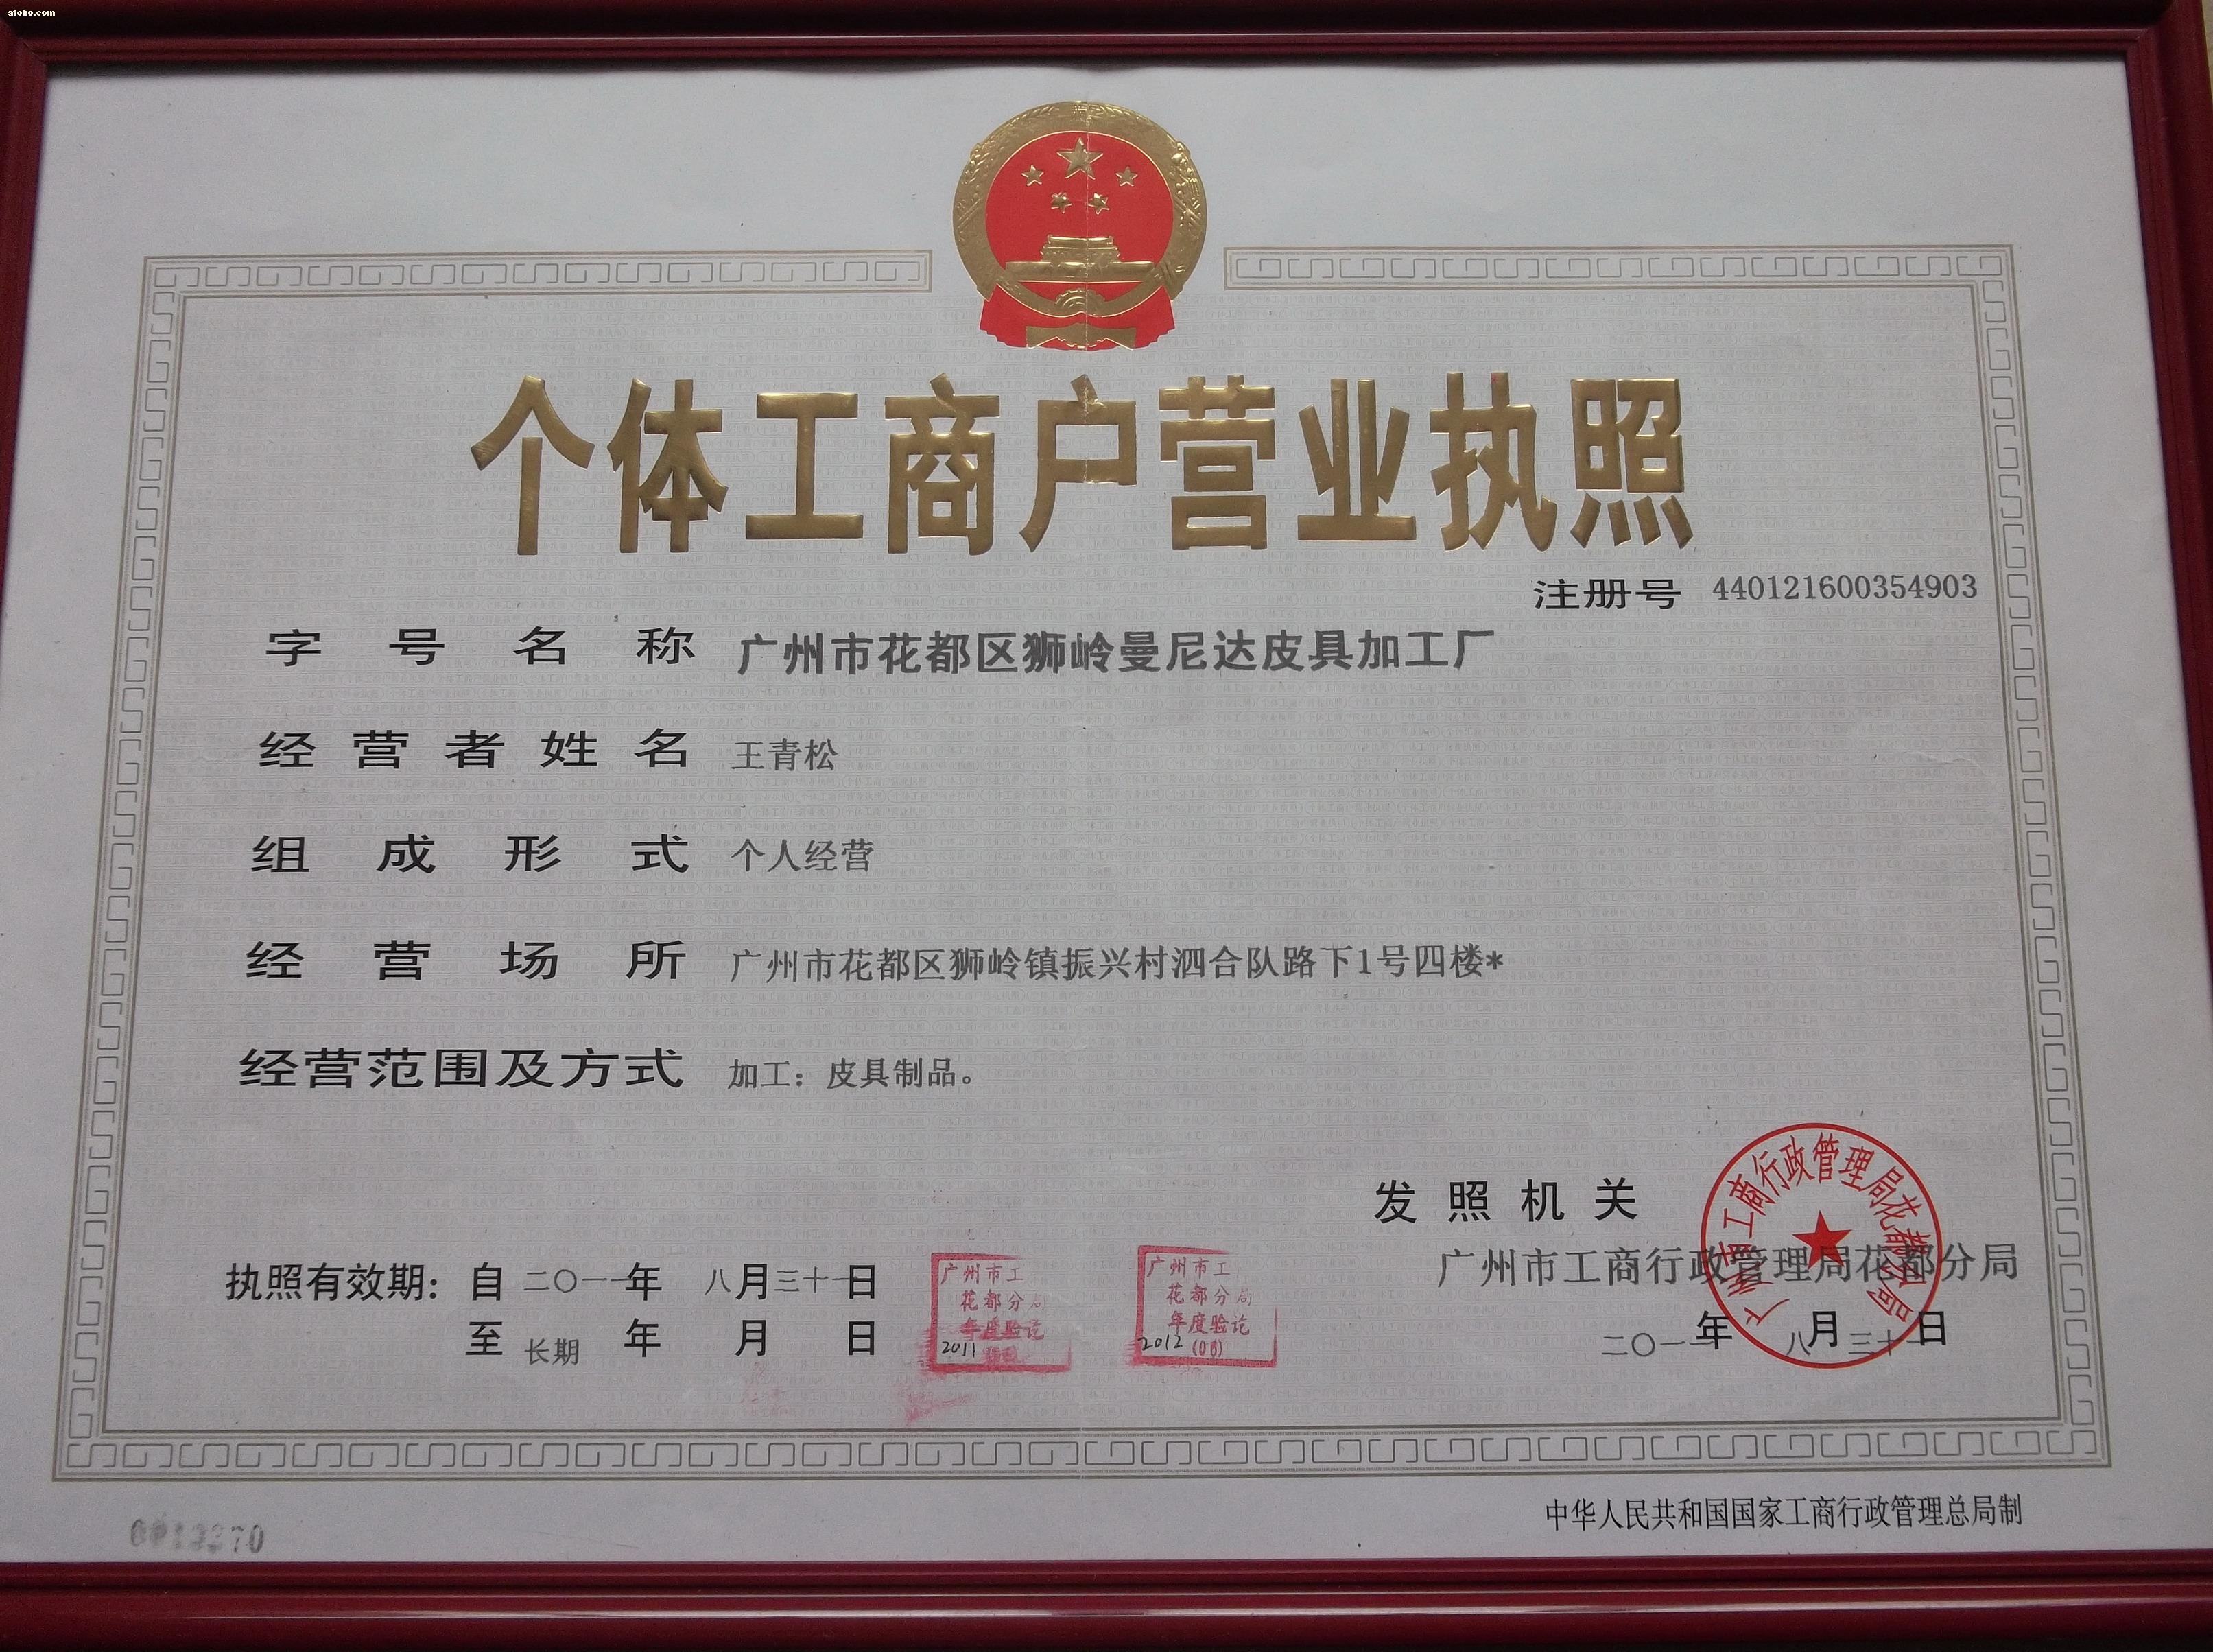 营业执照_广州市花都区狮岭曼尼达皮具加工厂图片